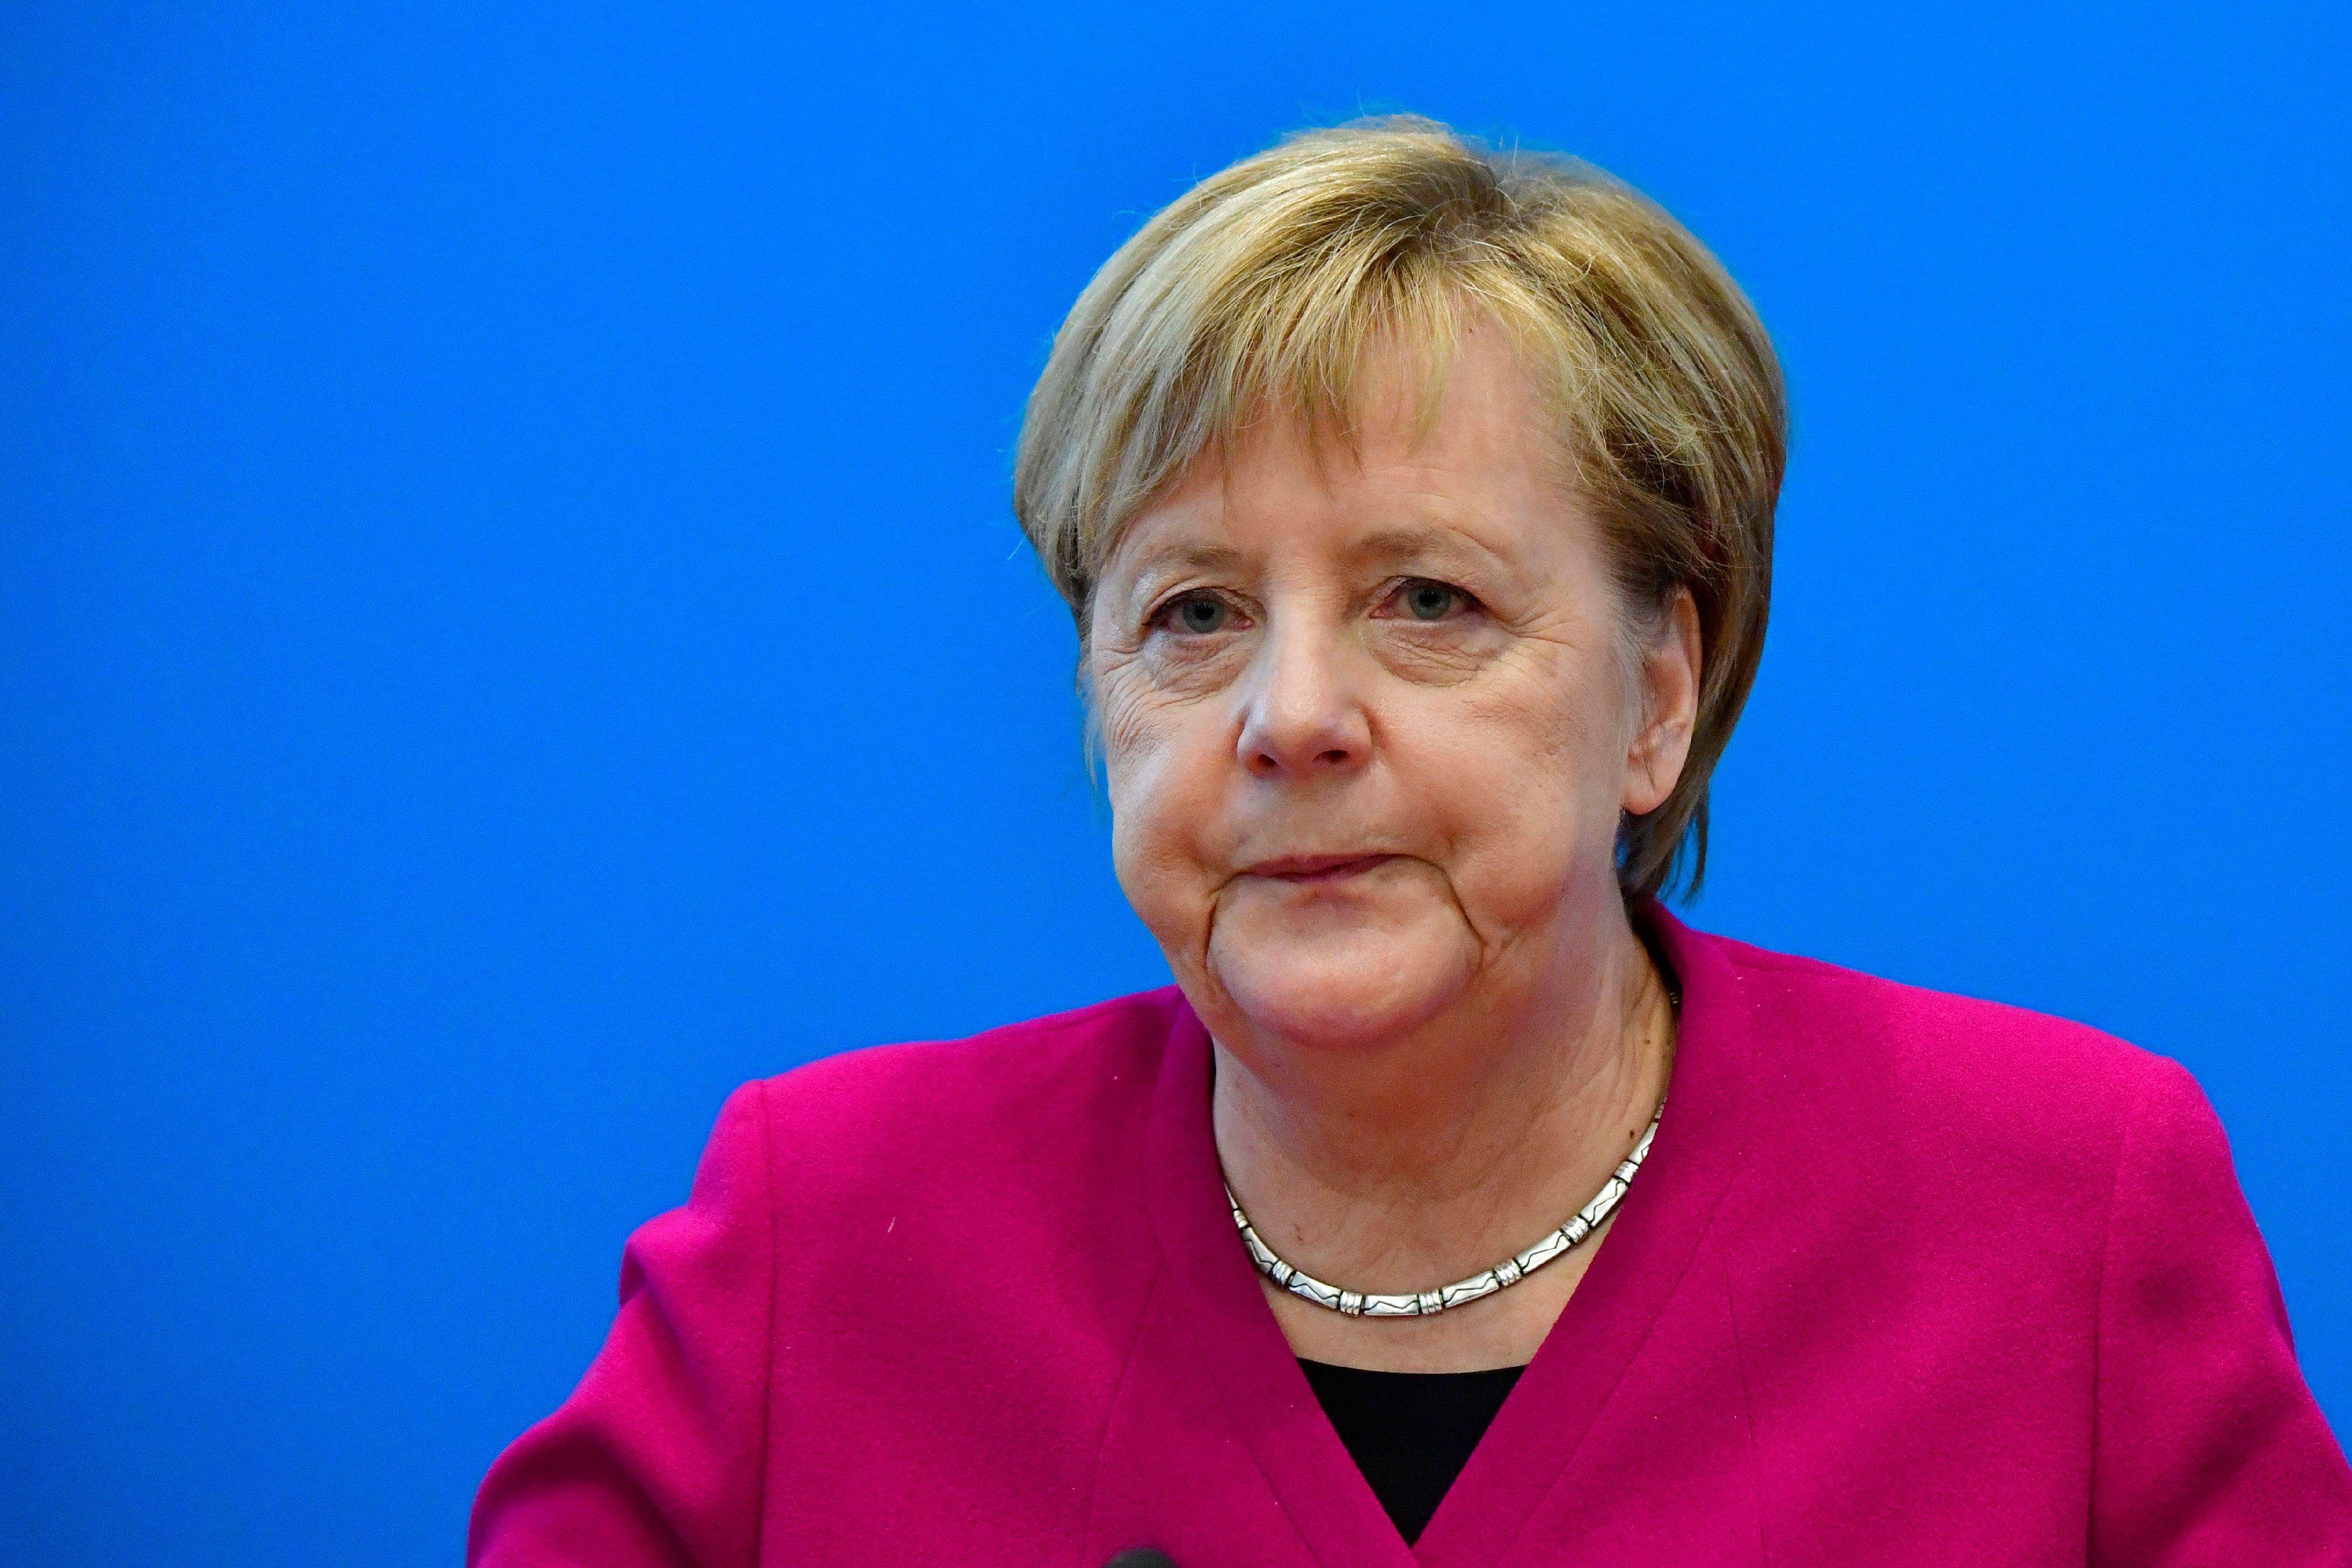 德國總理默克爾敦促德企擴展中國以外市場